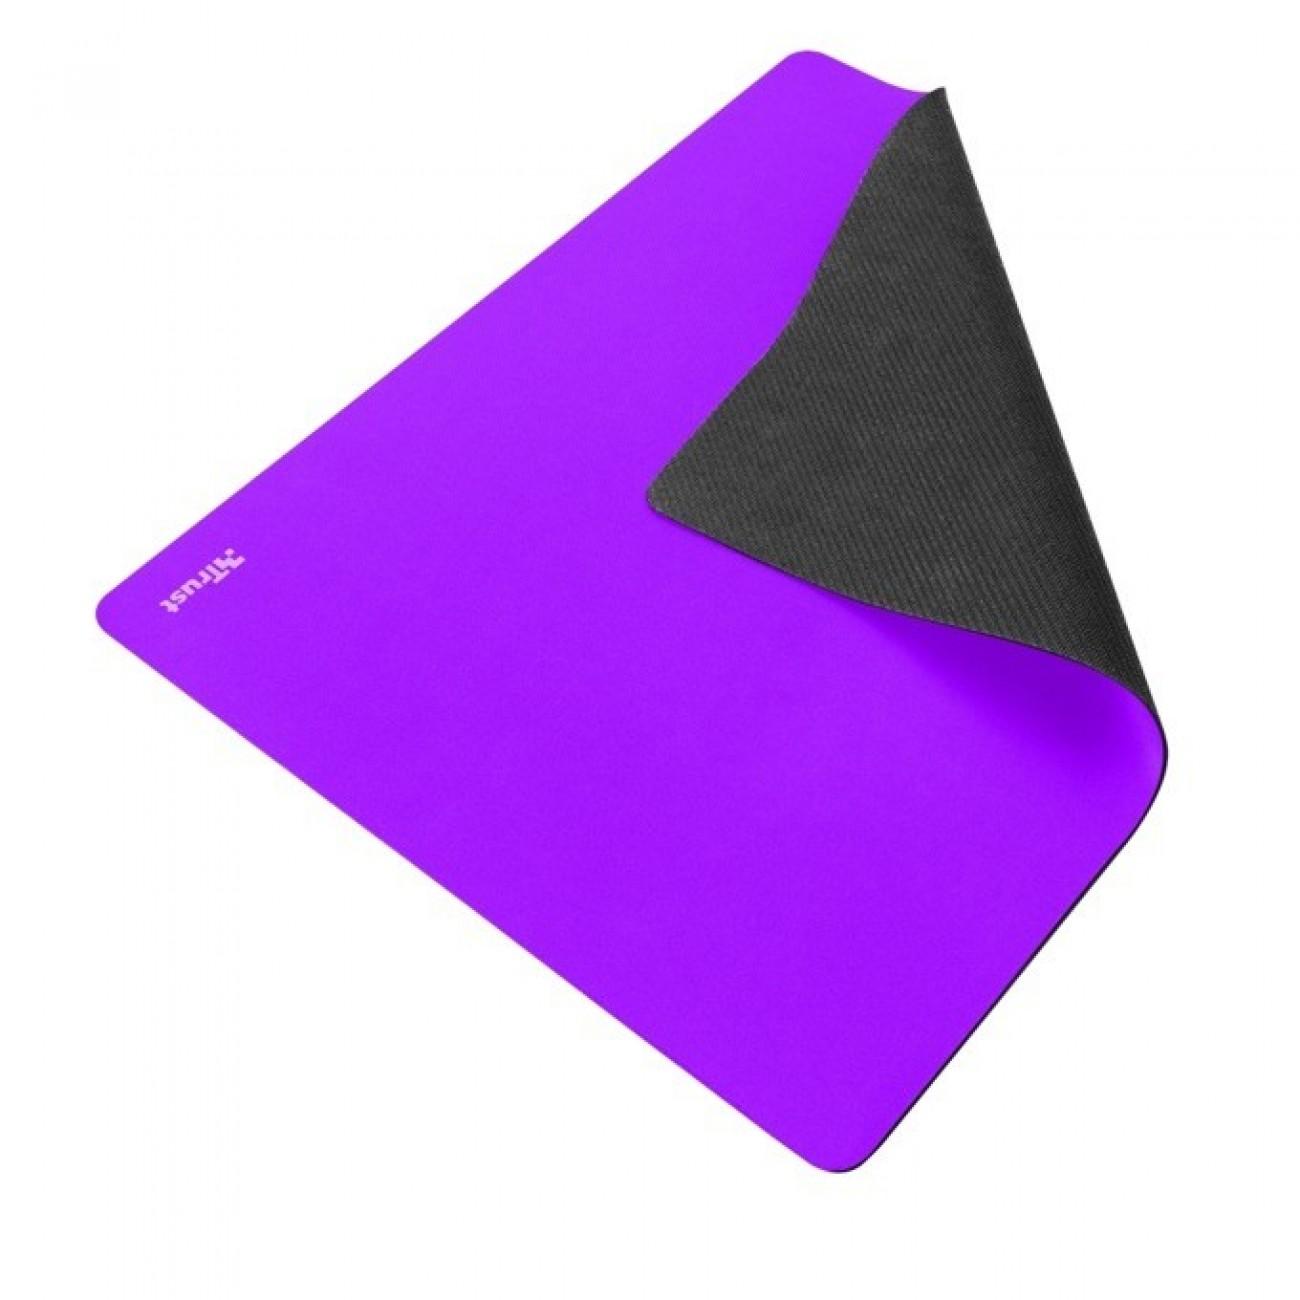 Подложка за мишка Trust Primo Mouse pad, лилав, 250x210x3mm в Подложки за мишки -  | Alleop